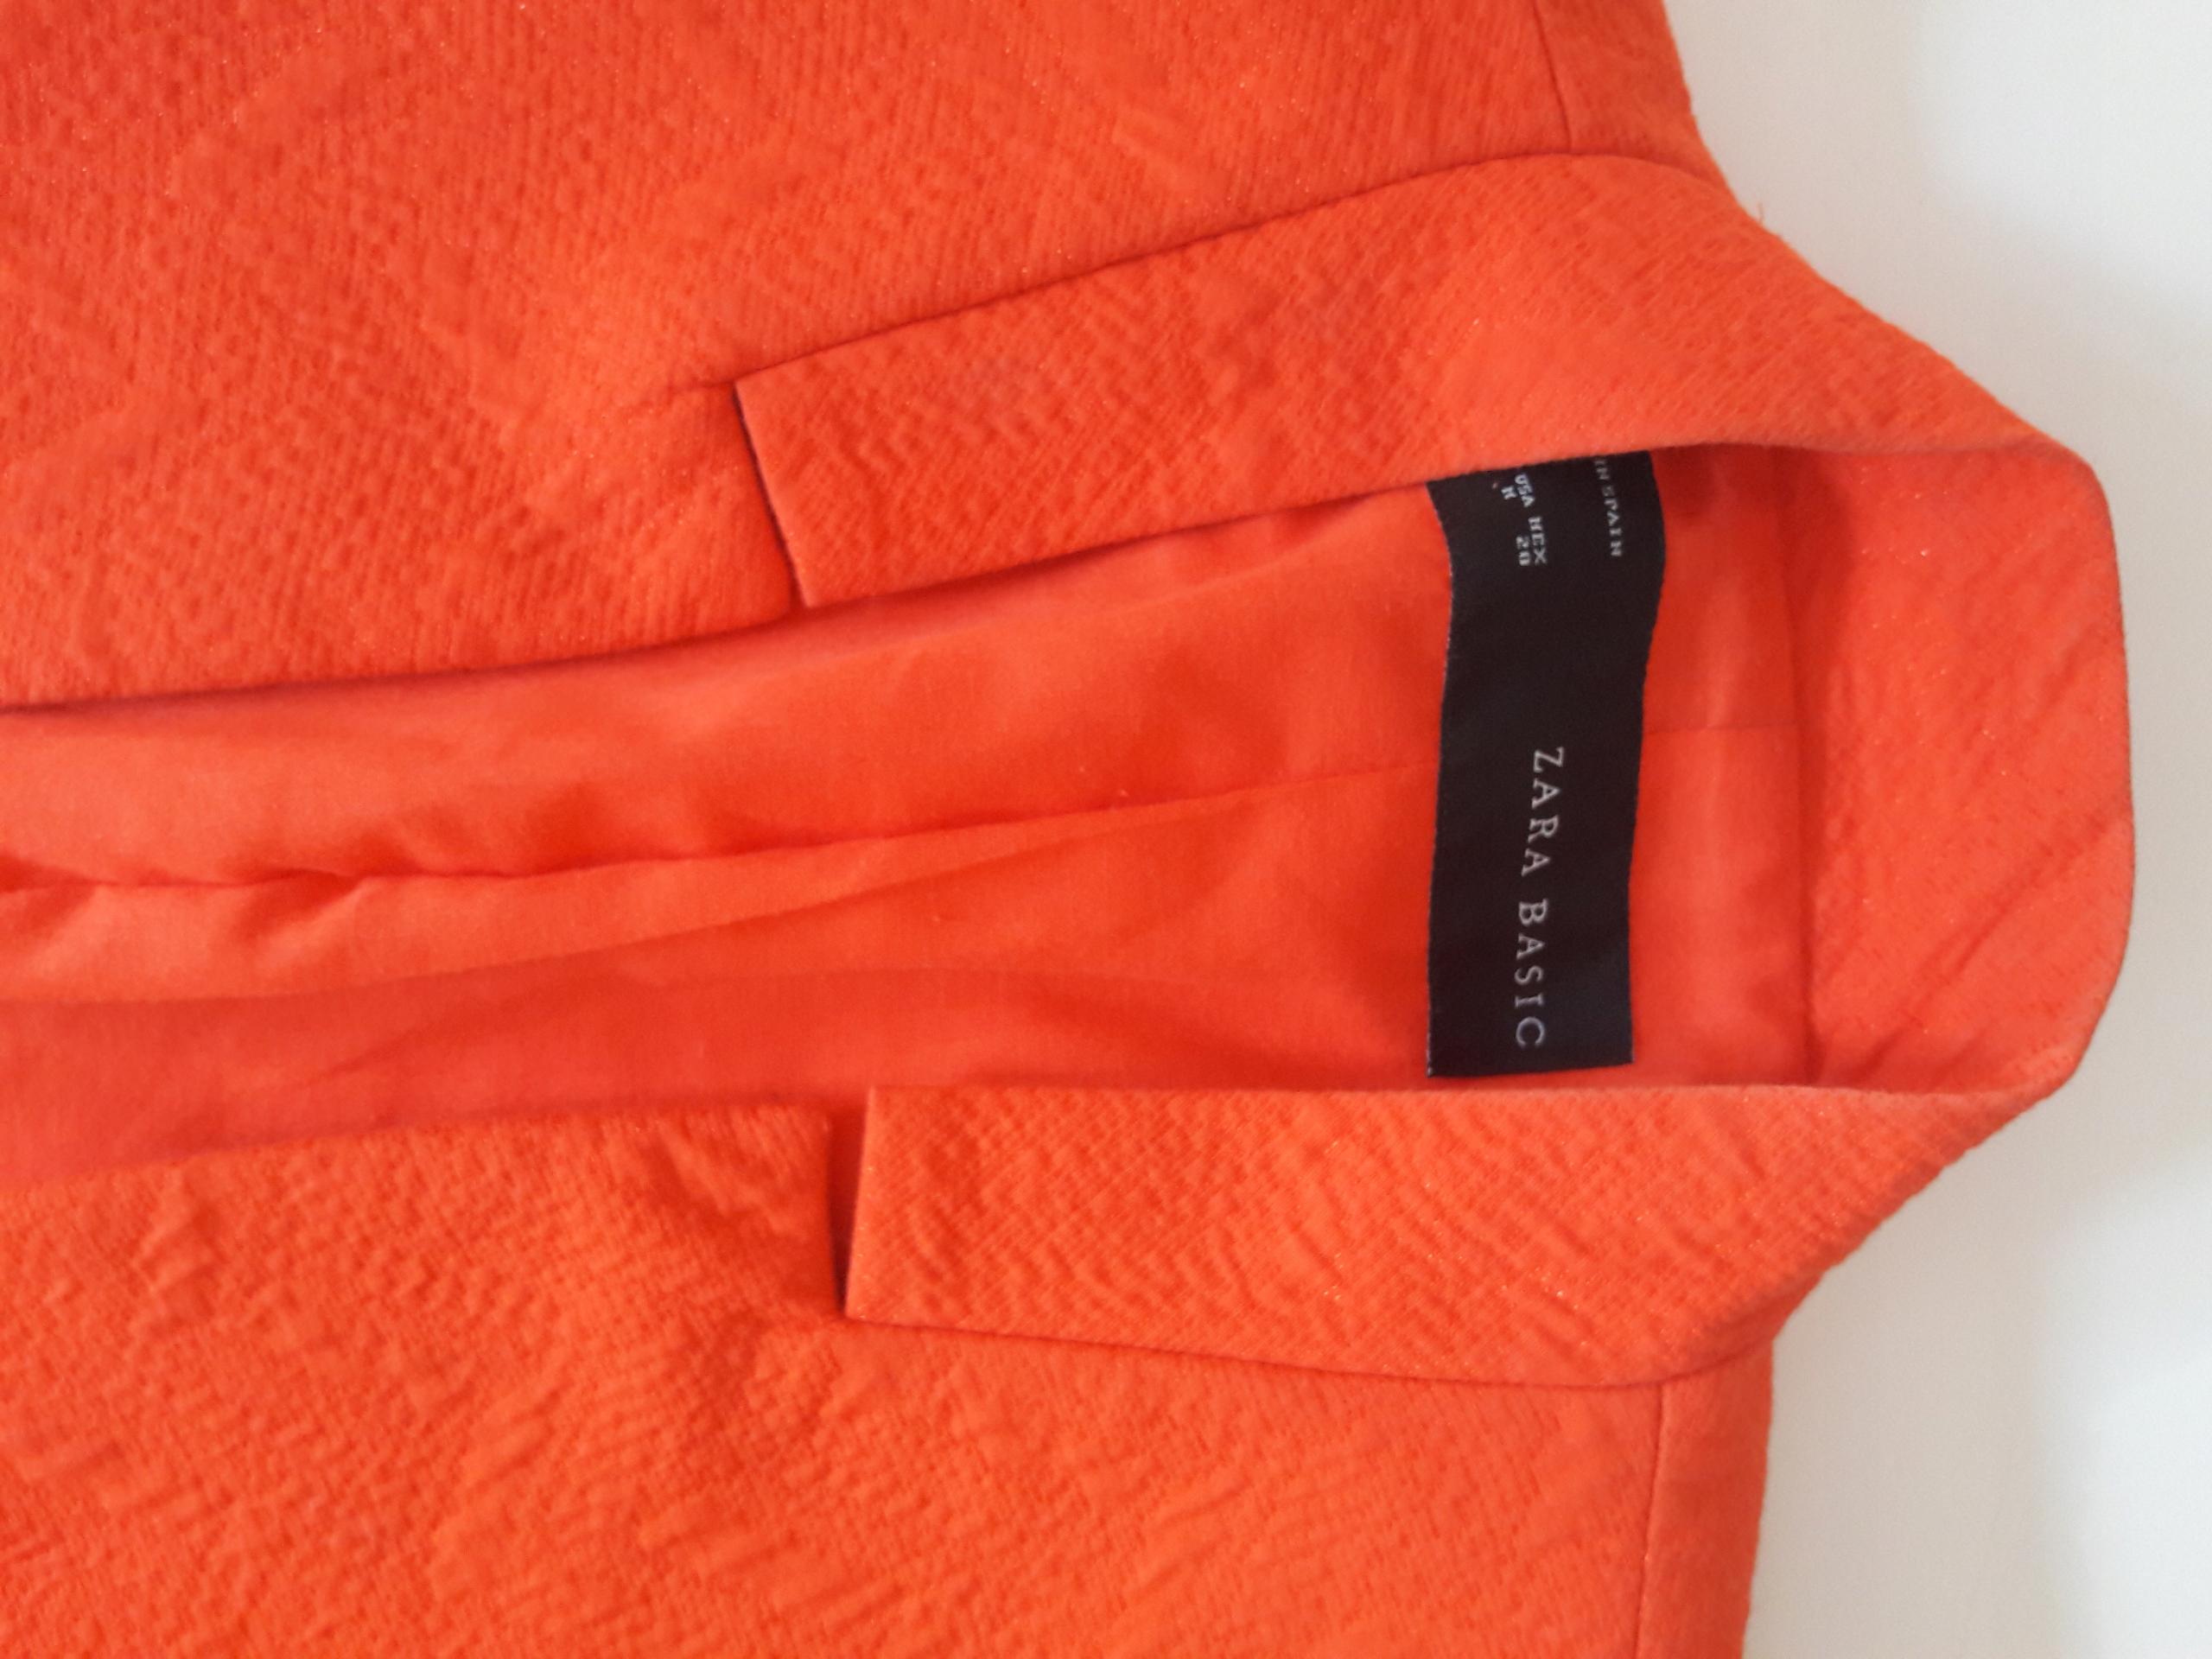 d3cc1db3629d1 Zara żakardowa pomarańczowa marynarka r. M - 7636074074 - oficjalne ...